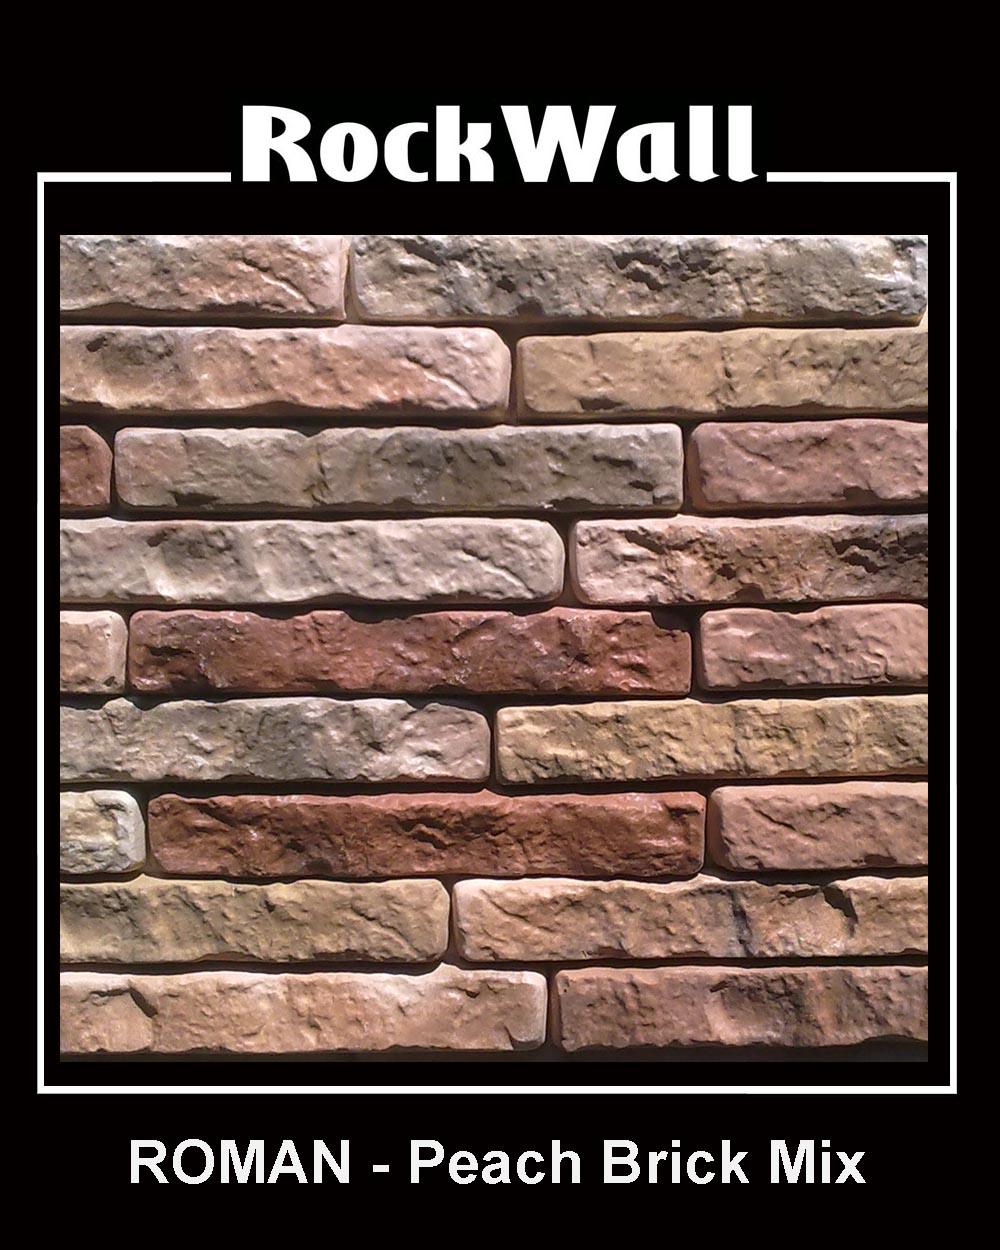 roman-peach-brick-mix